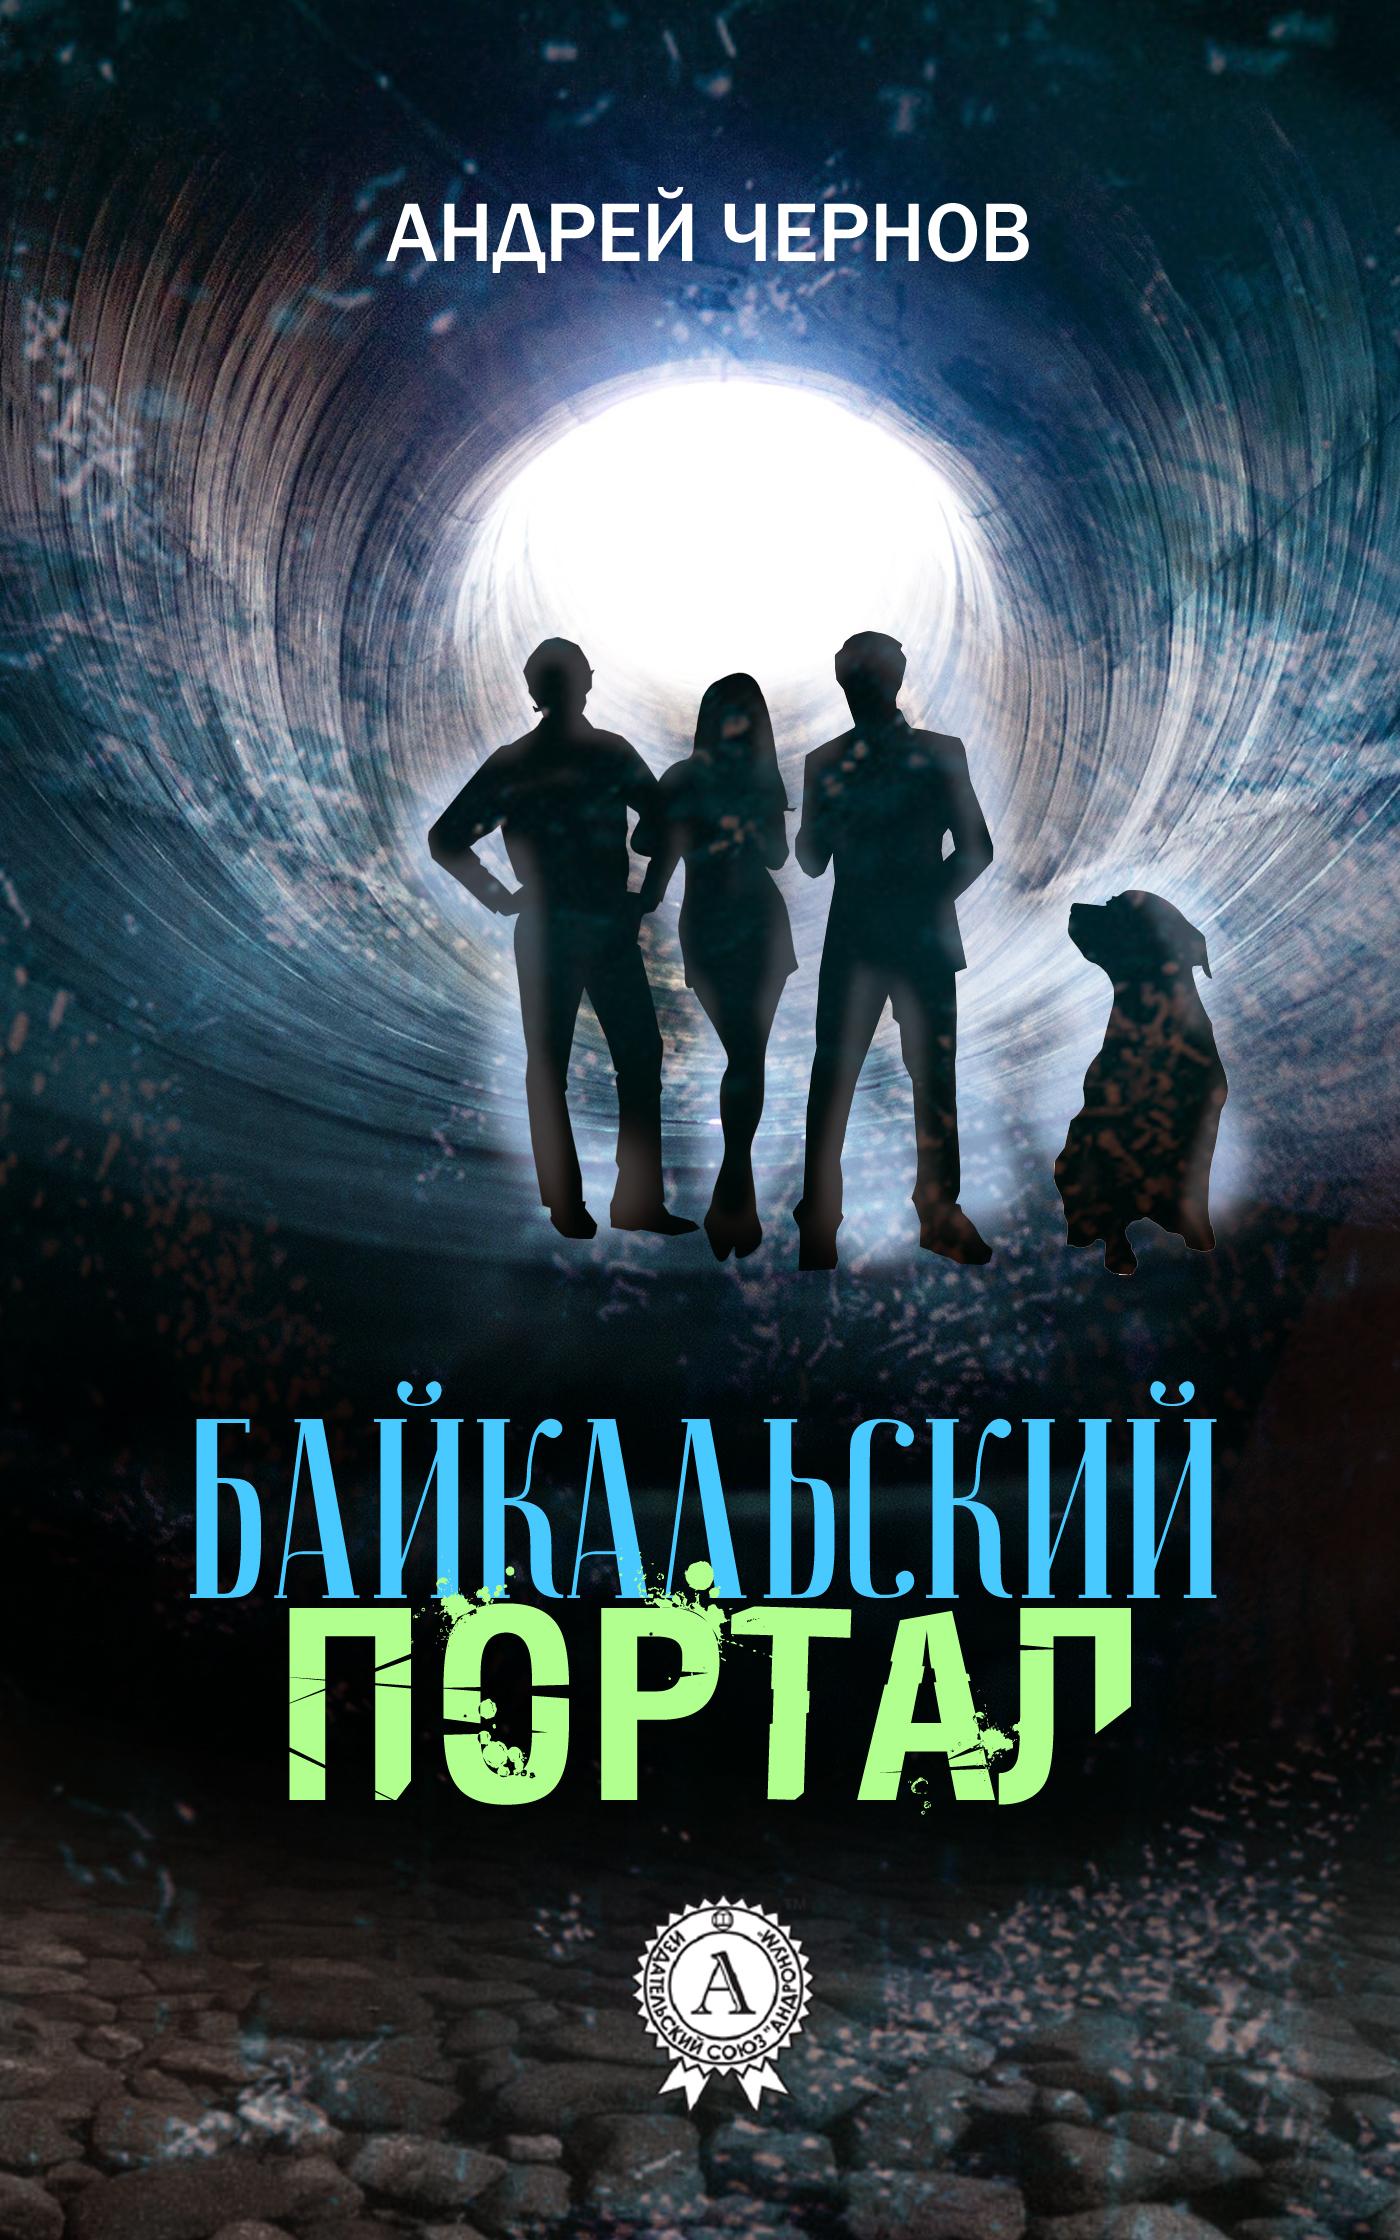 Андрей Чернов - Байкальский портал